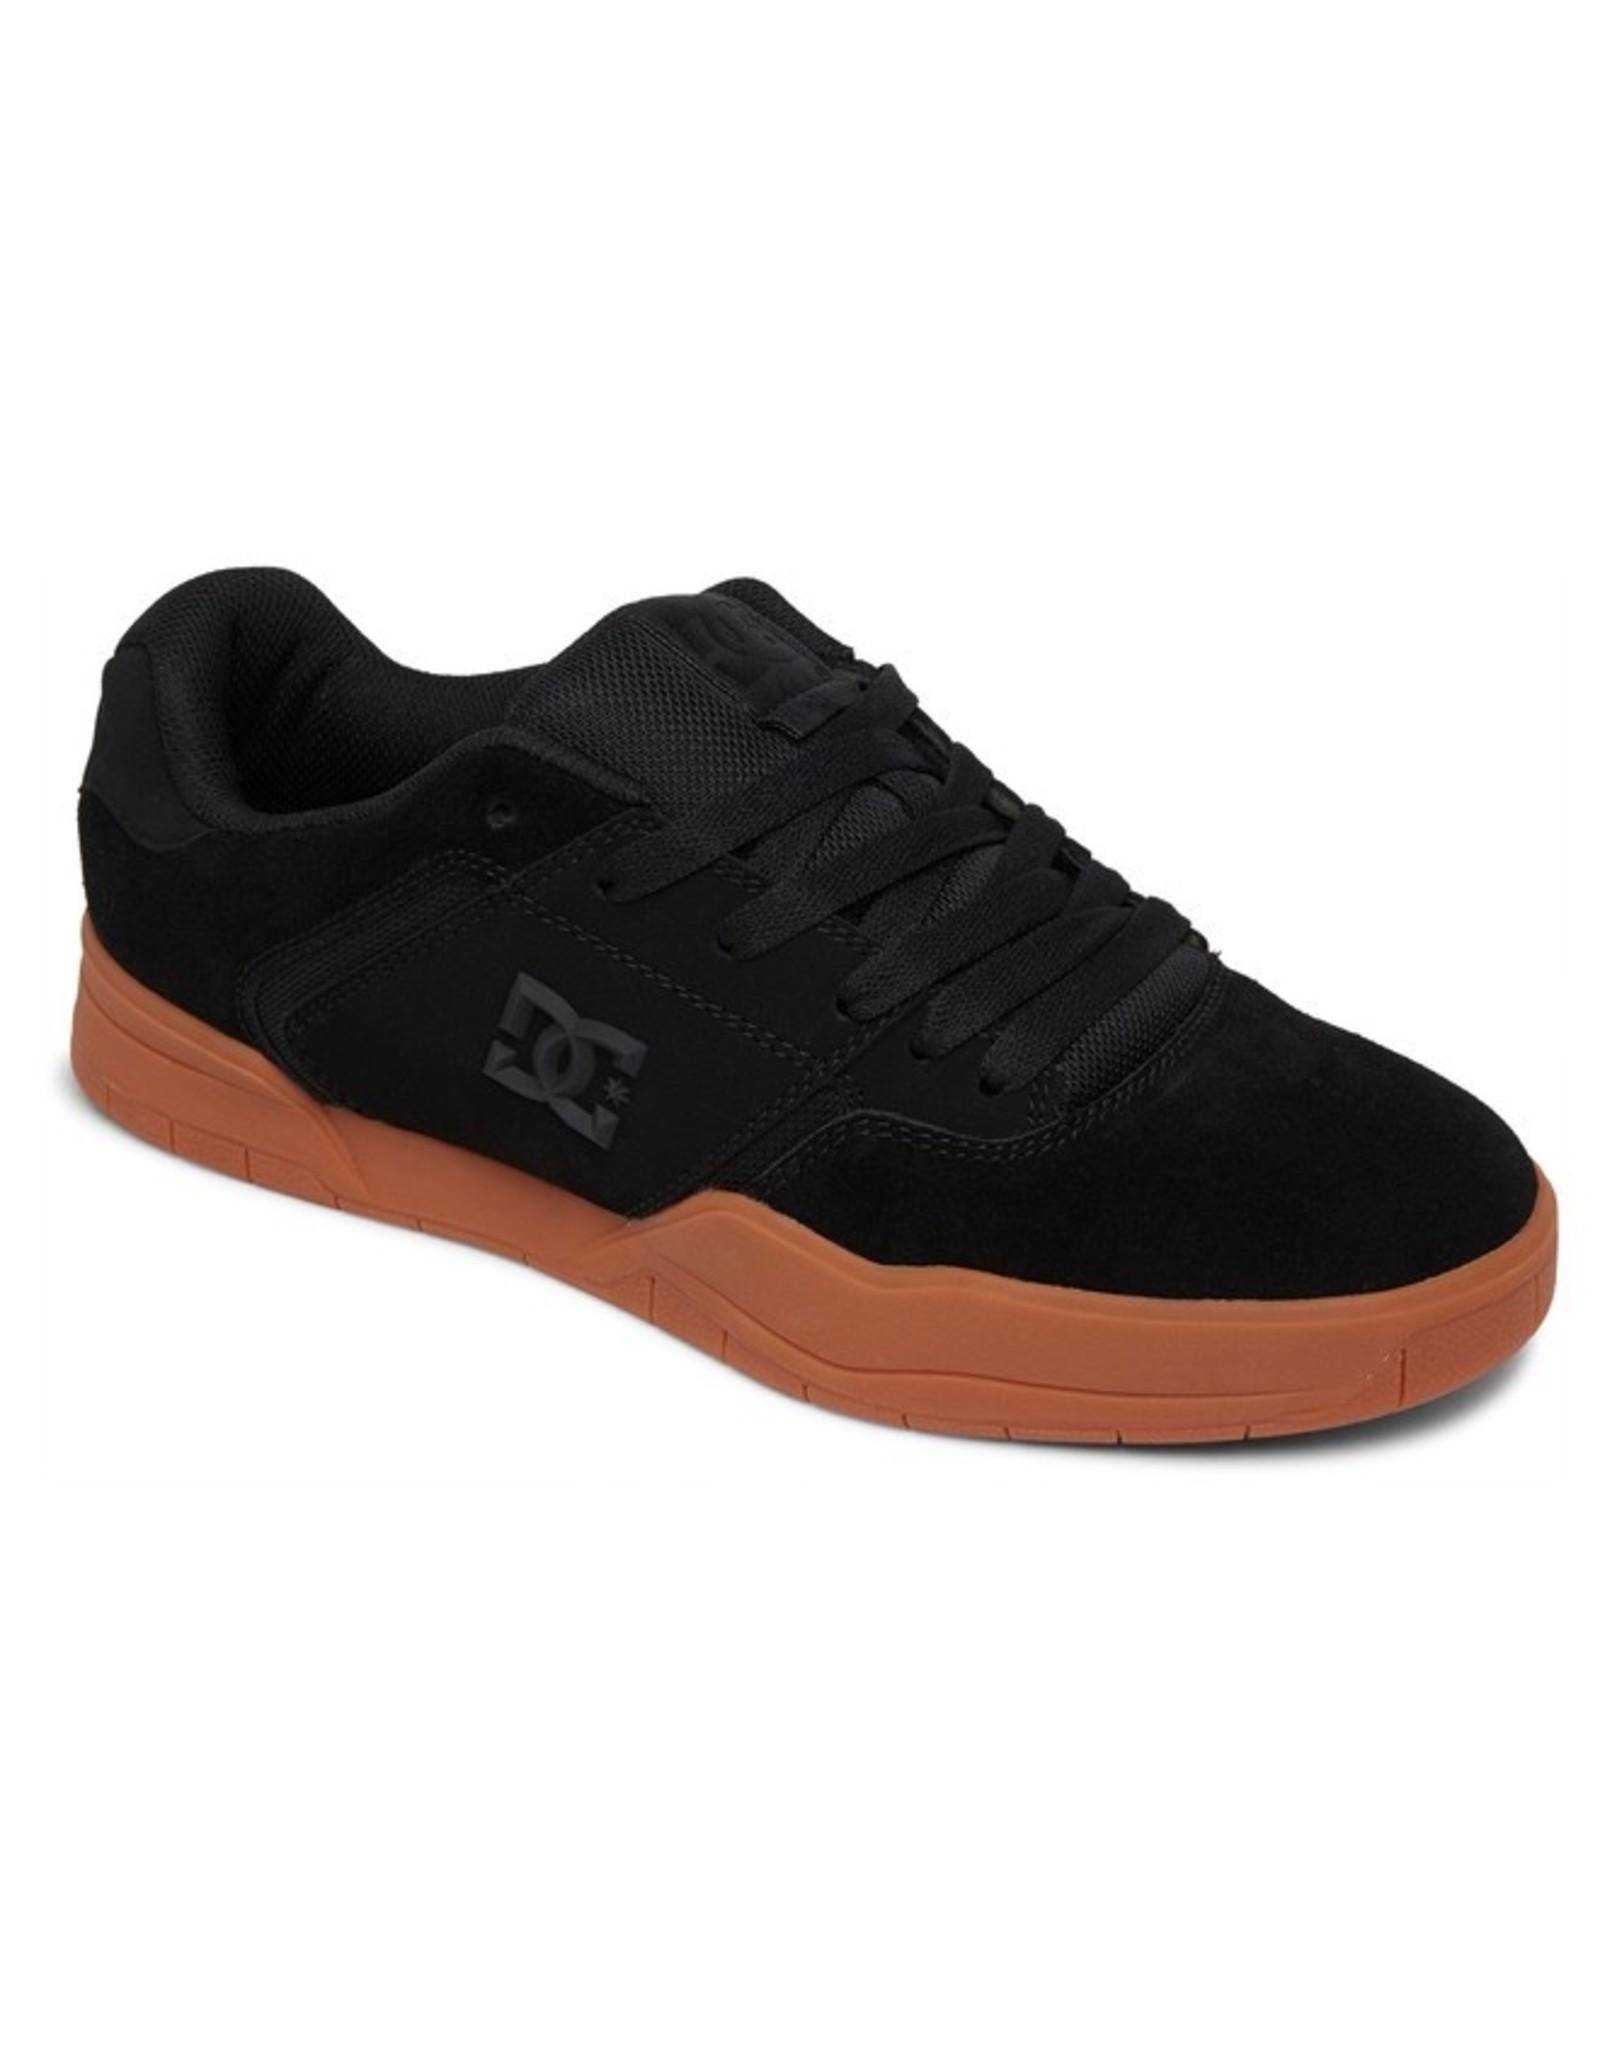 DC SHOES CO. DC - CENTRAL - BLACK/GUM